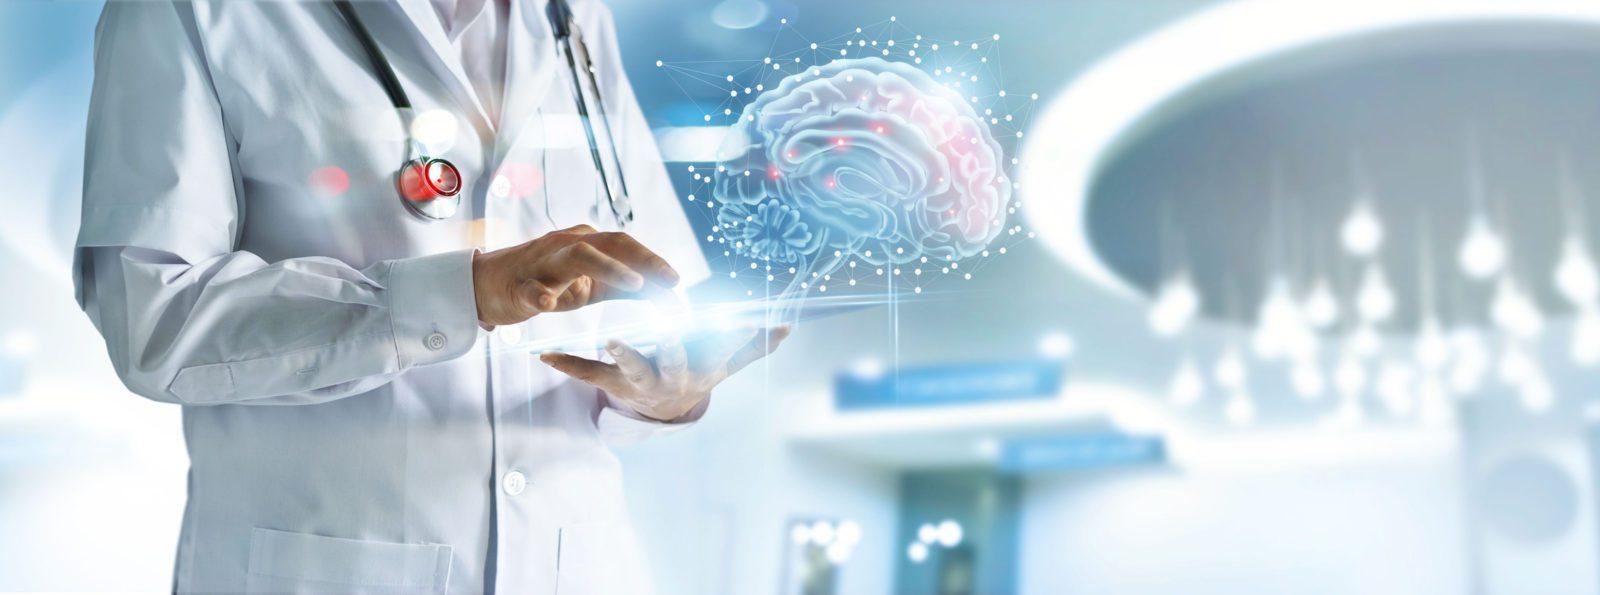 6 tips básicos para mantener tu cerebro saludable